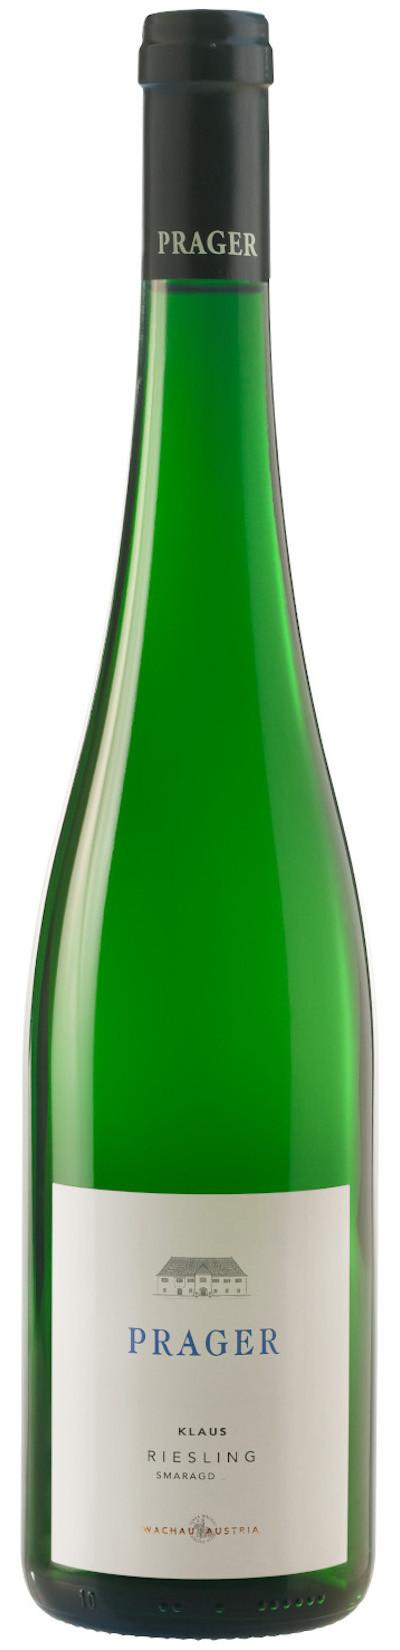 Prager - Riesling Smaragd Klaus Magnum